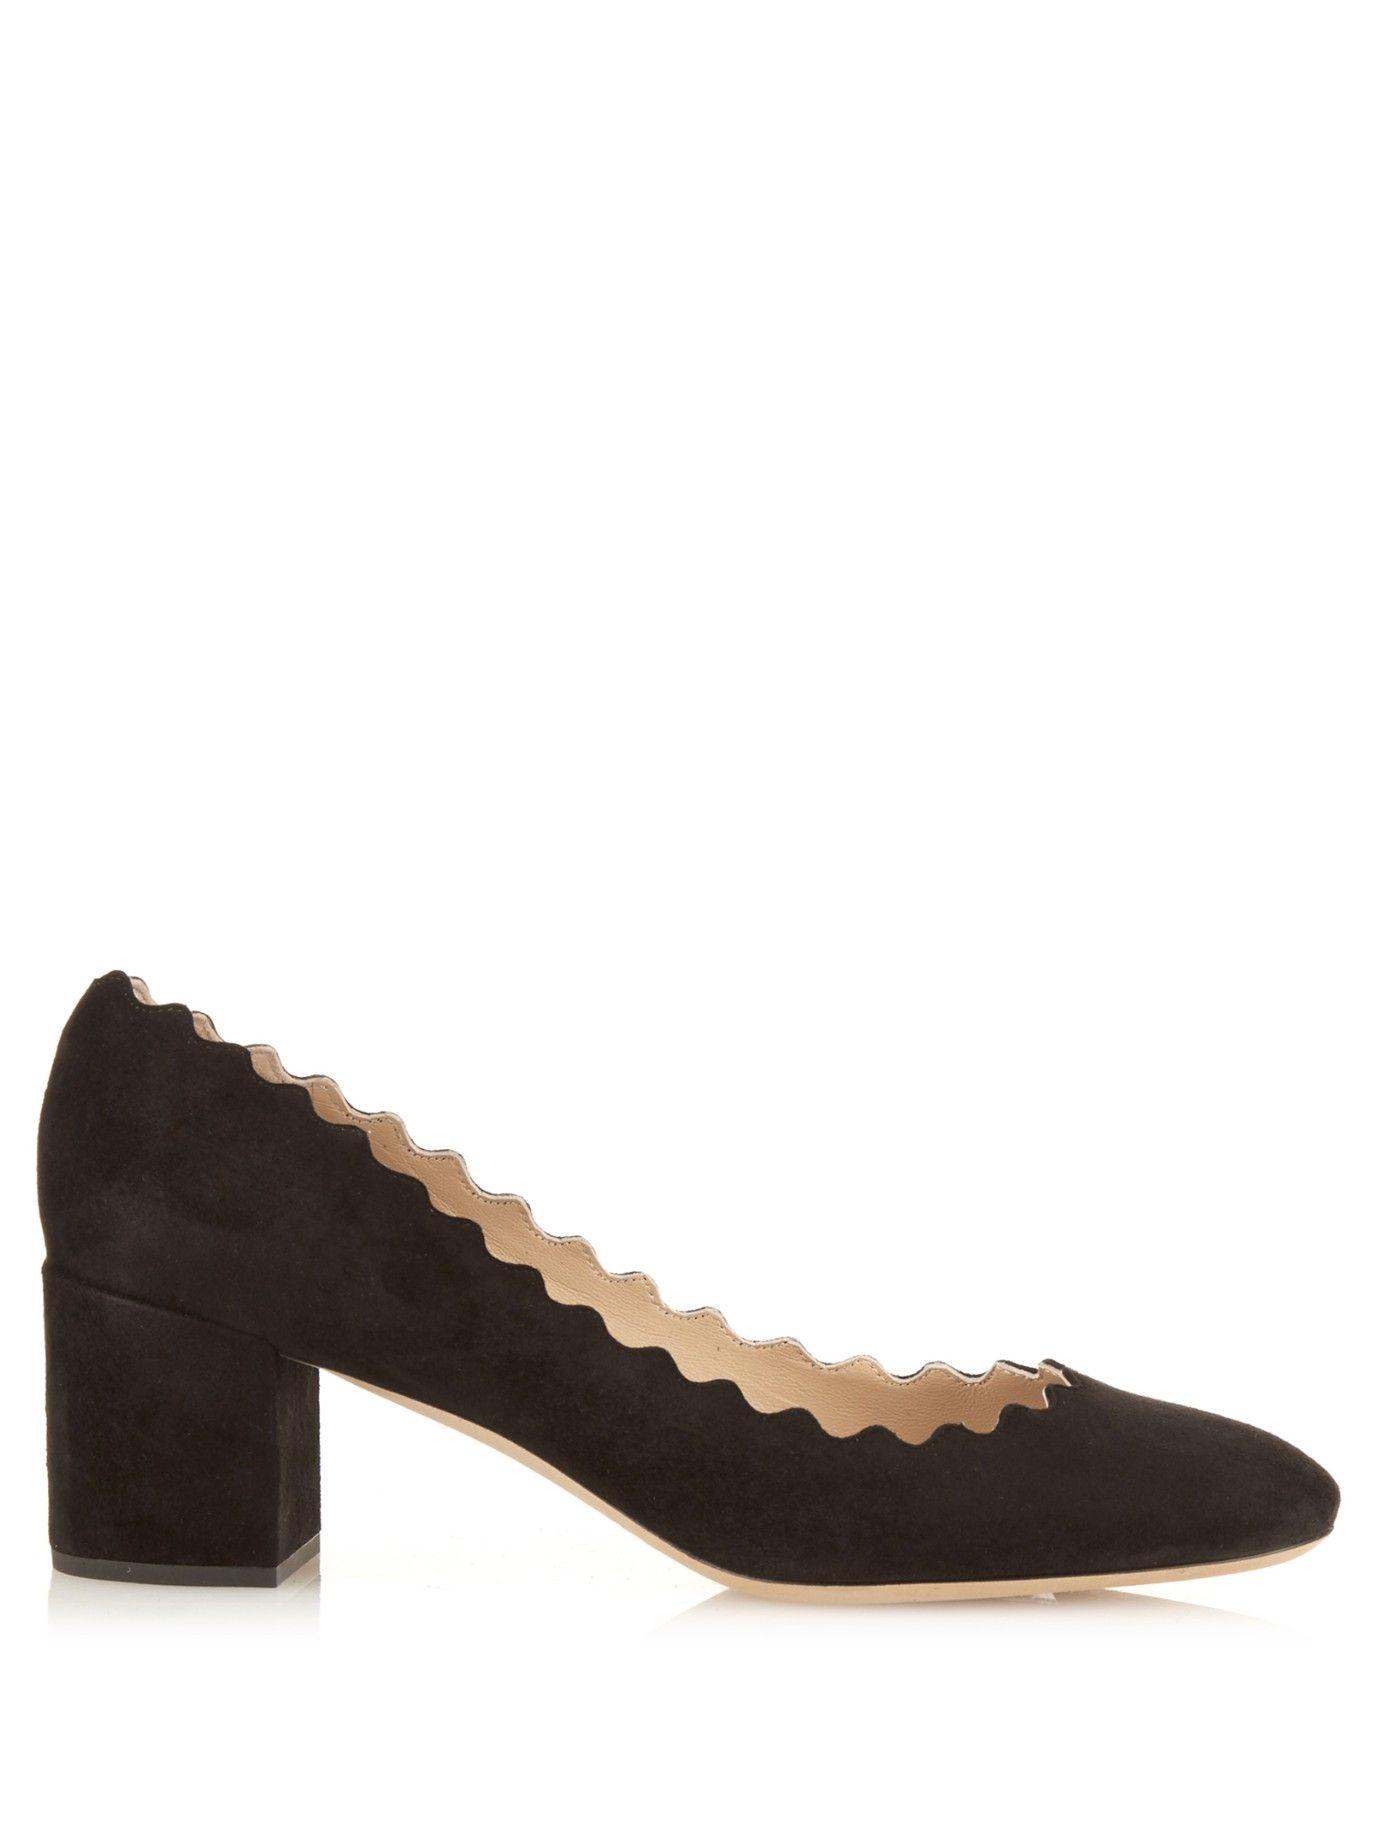 8c1c0c2a029 Lauren scalloped-edge block-heel suede pumps